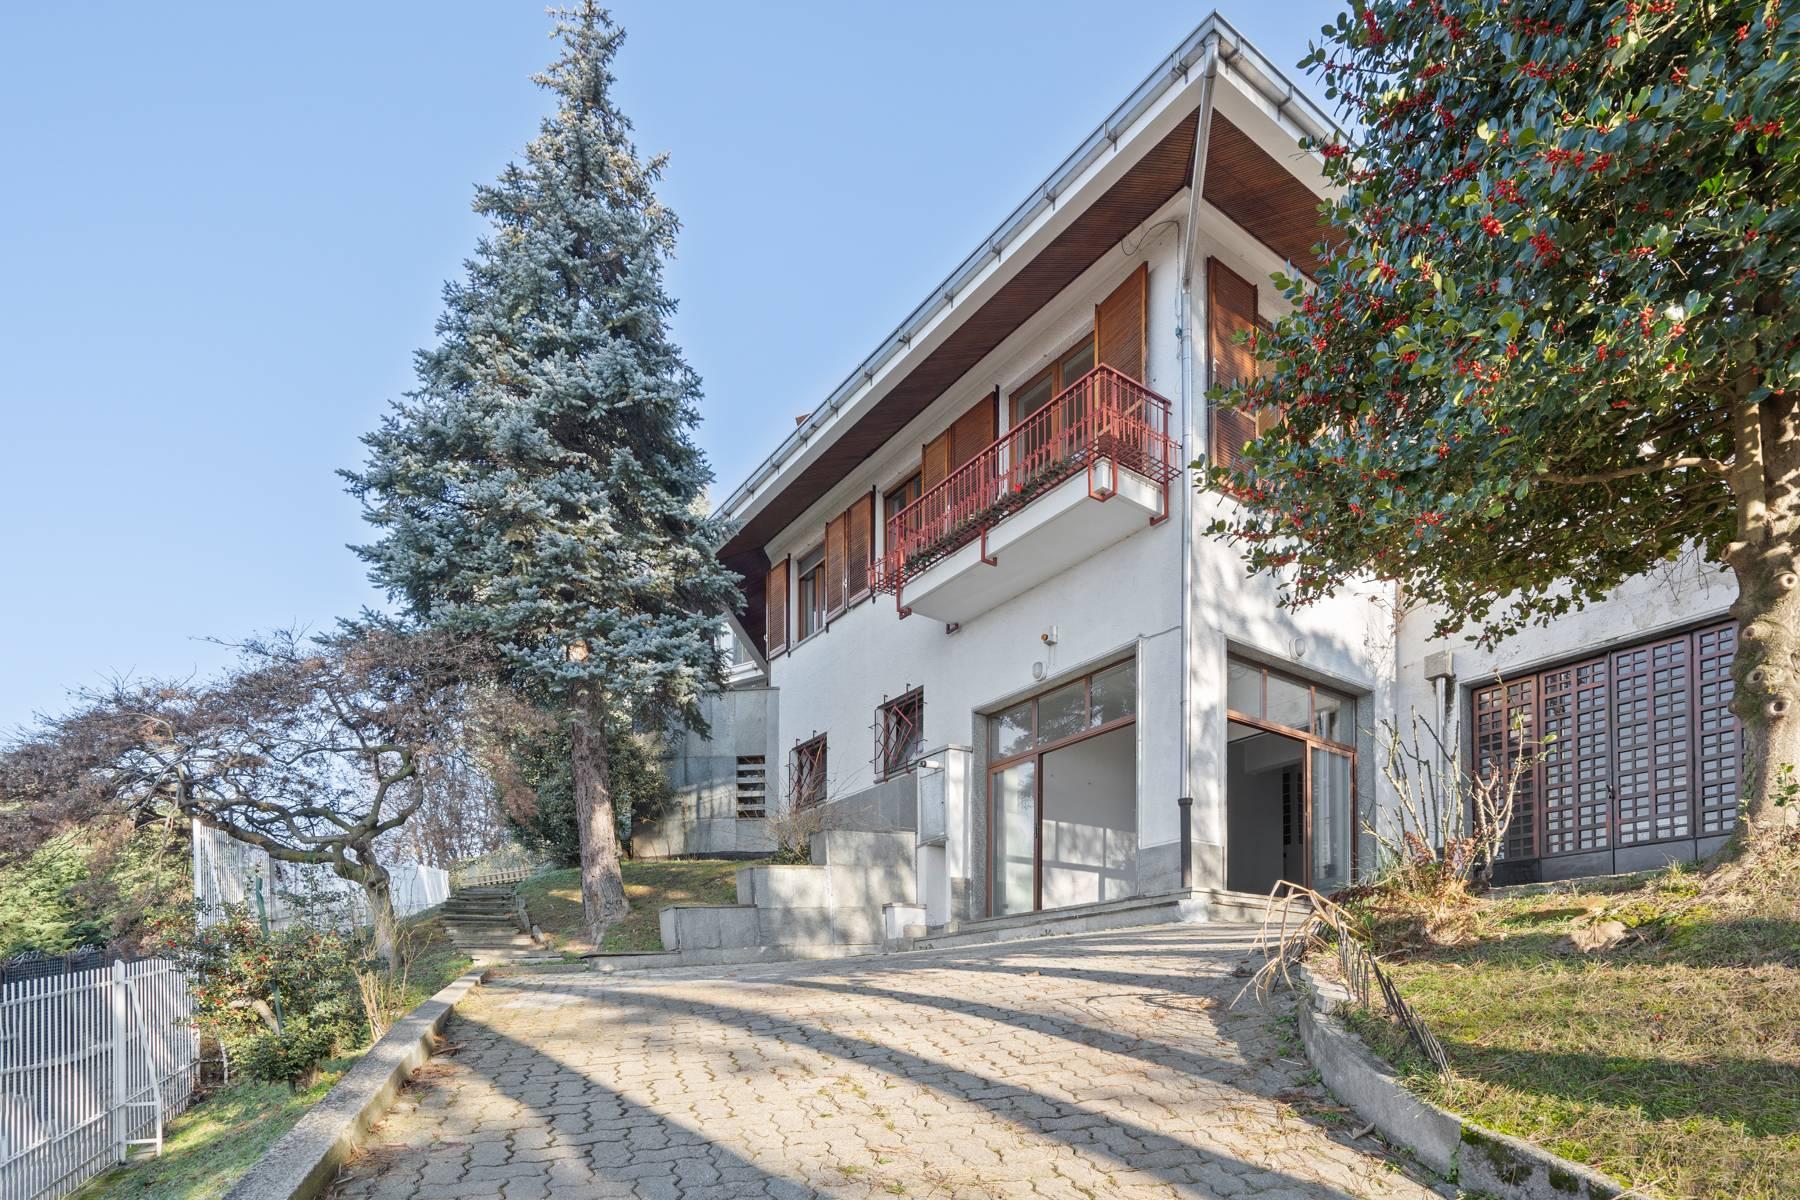 Appartamento in Vendita a Torino: 3 locali, 88 mq - Foto 1